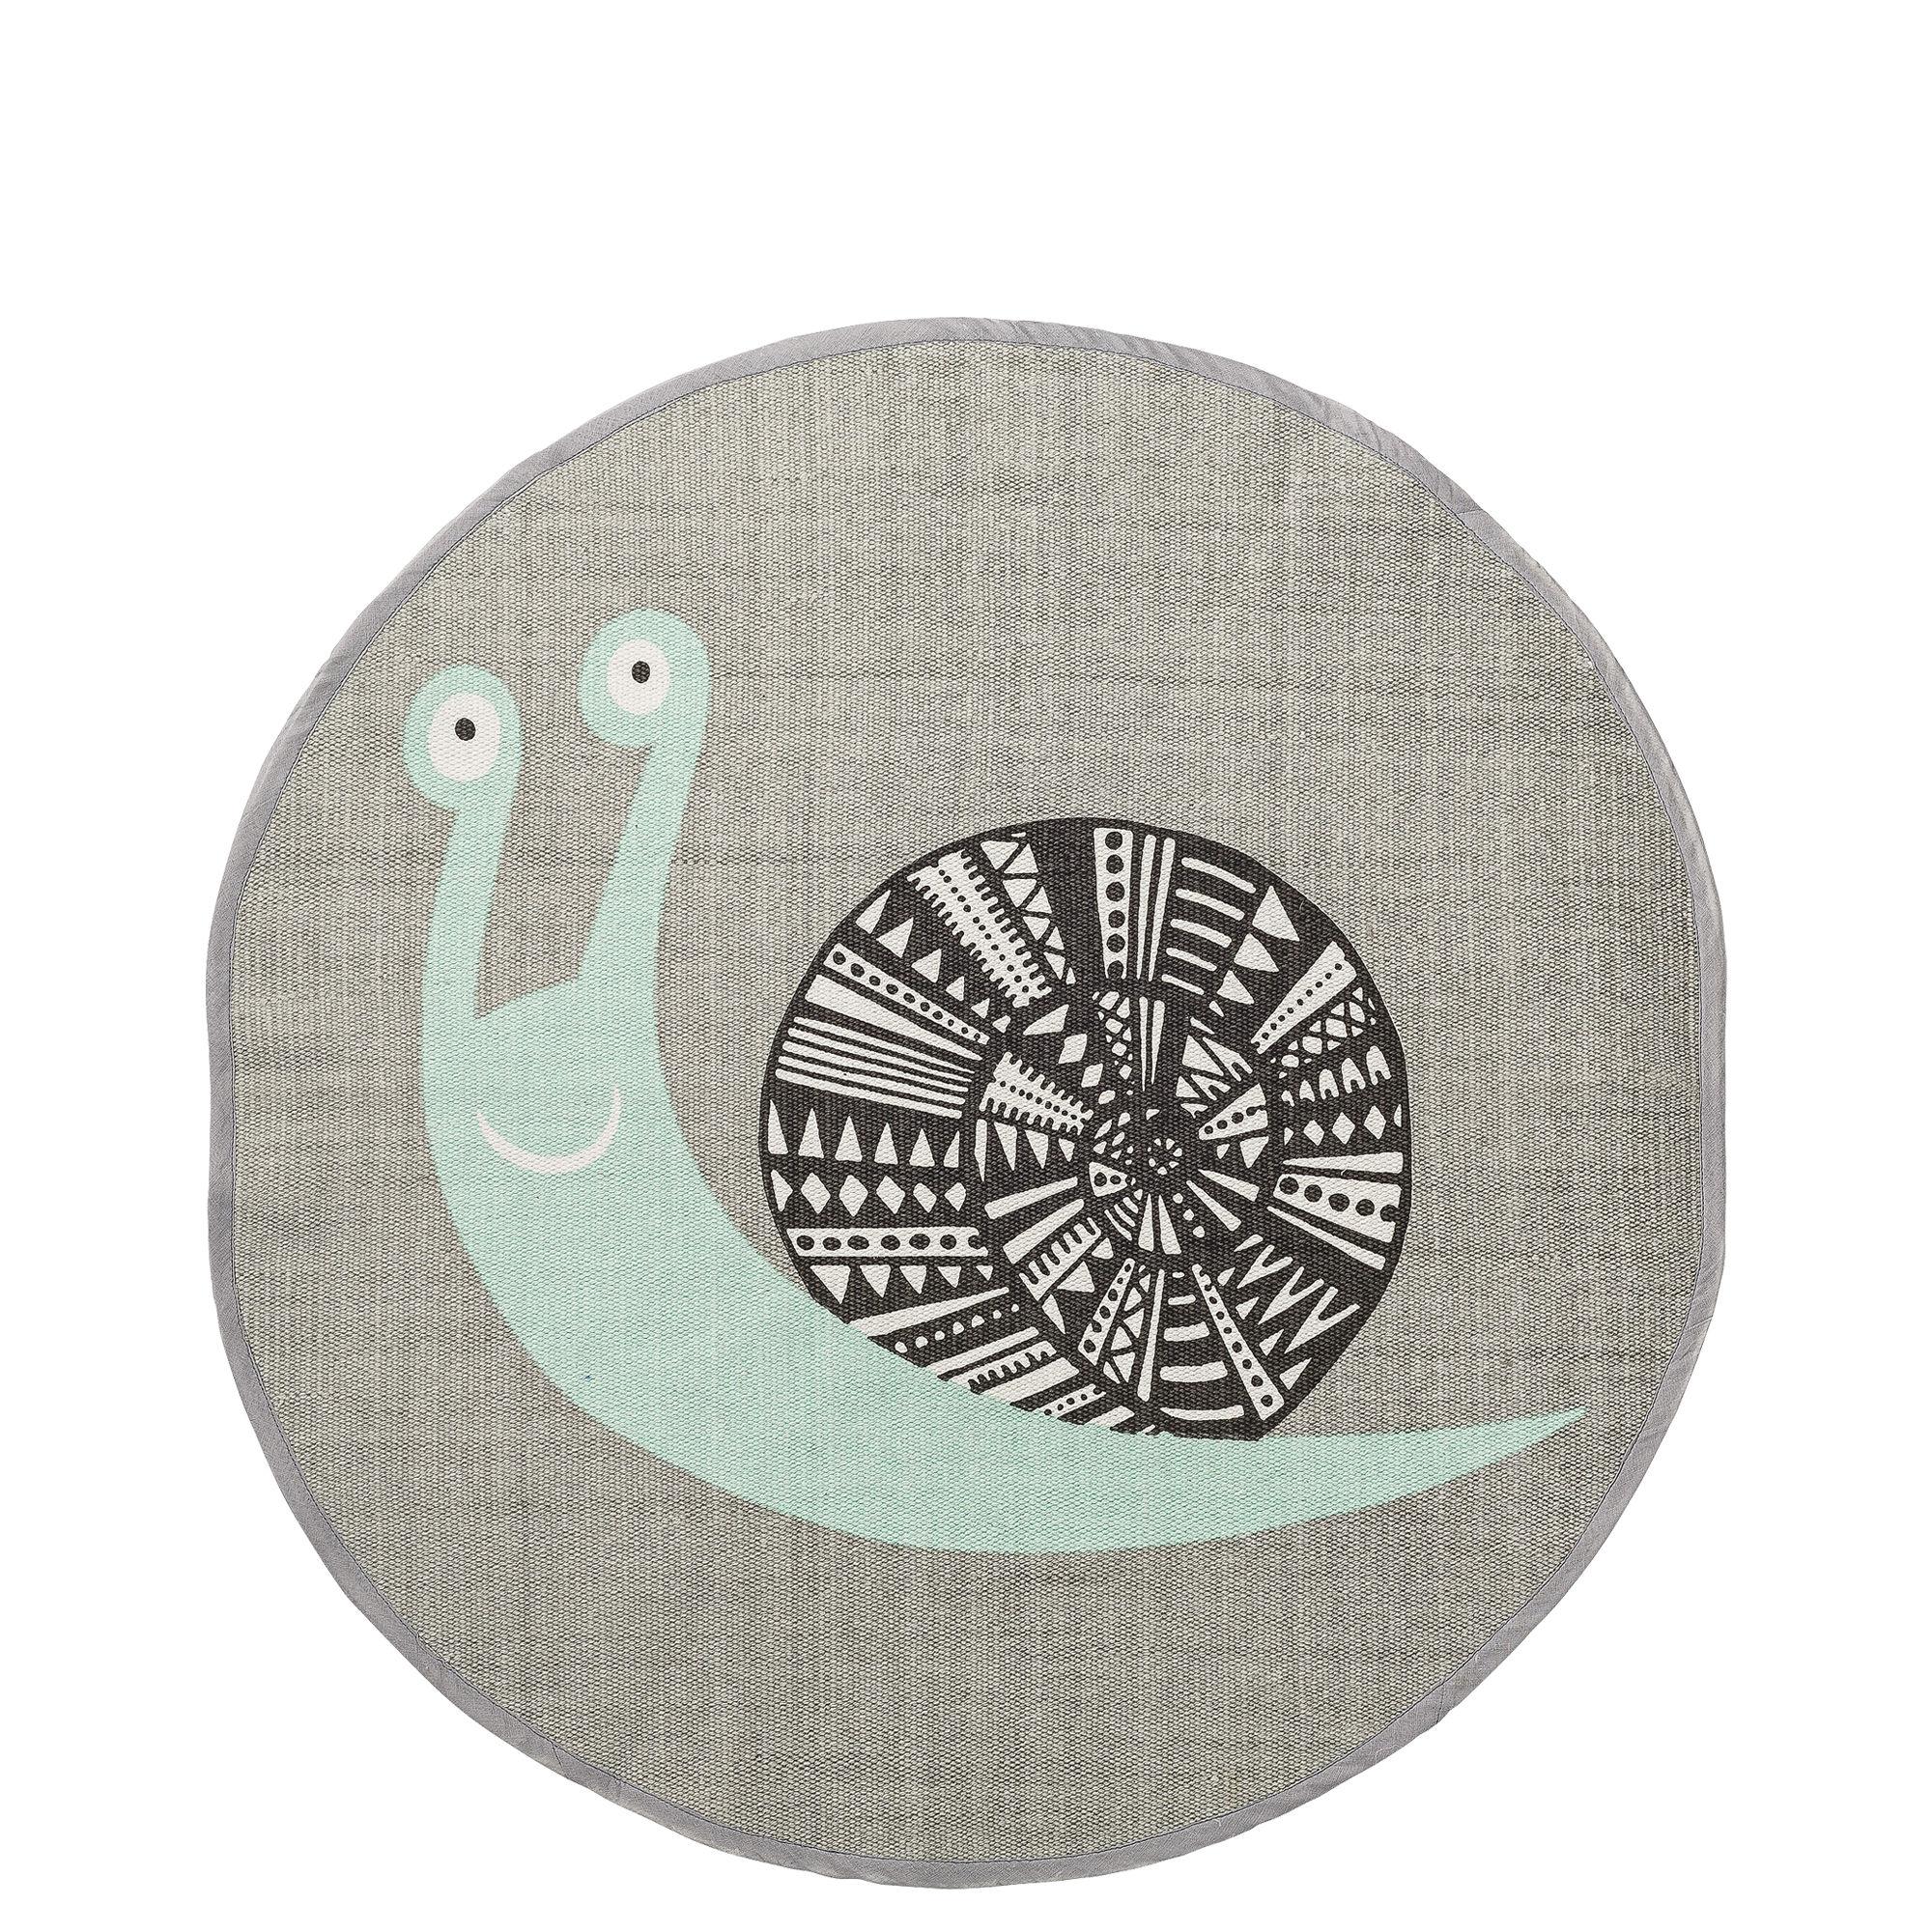 Déco - Pour les enfants - Tapis Escargot / Coton - Ø 80 cm - Bloomingville - Ø 80 cm / Escargot - Coton